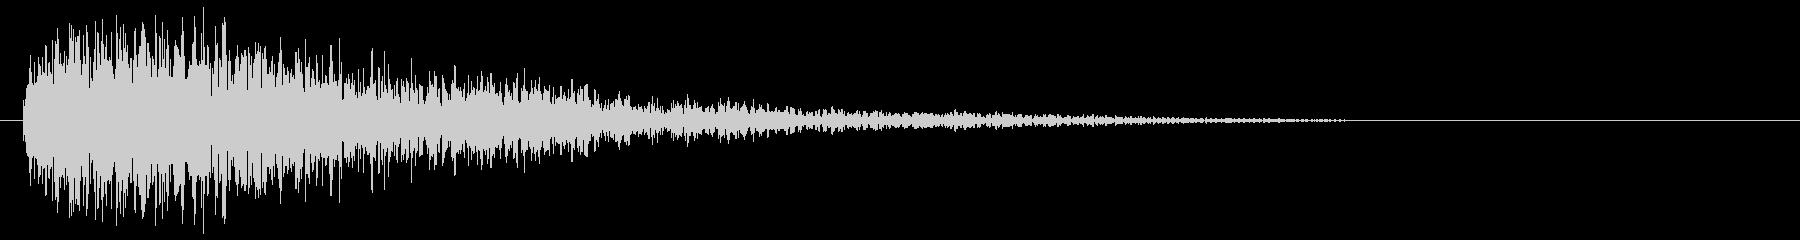 ベルベルチャイムとLFE、リバーブの未再生の波形